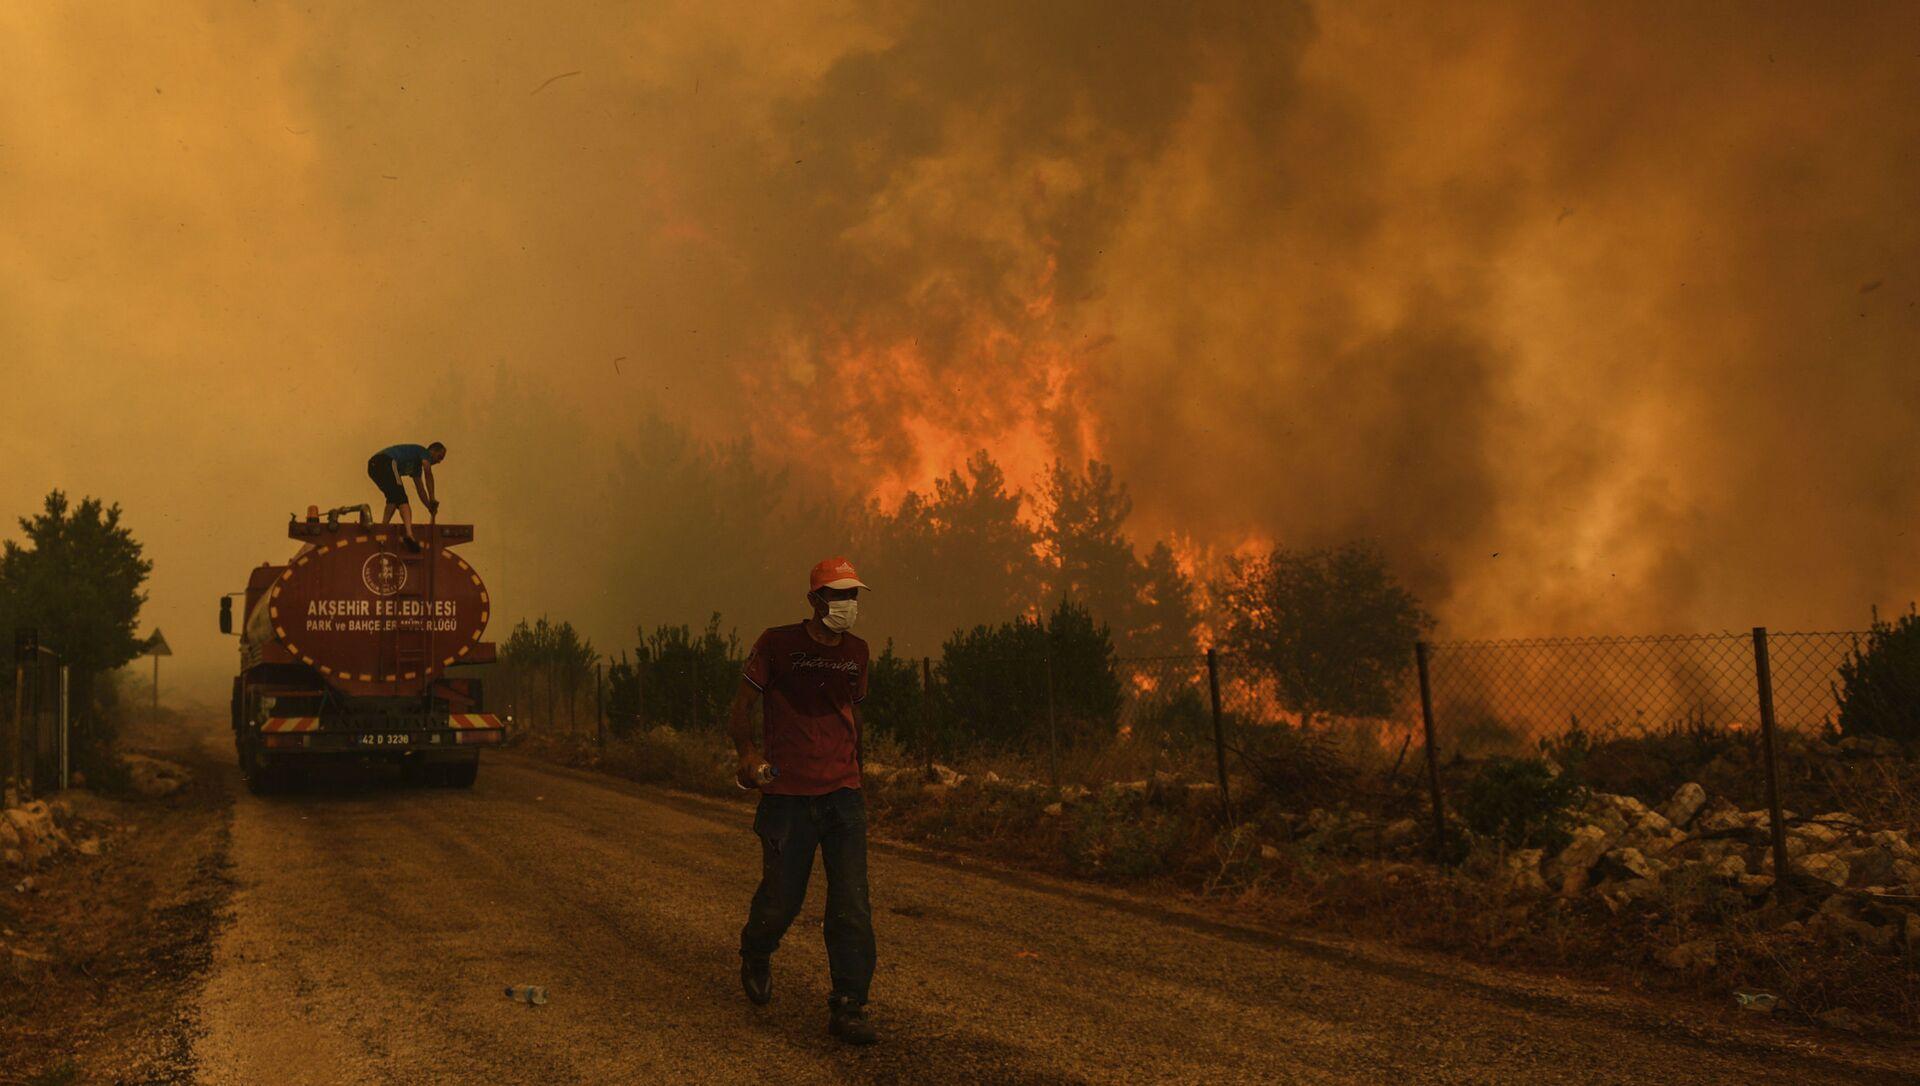 Лесной пожар в Турции - Sputnik Azərbaycan, 1920, 02.08.2021